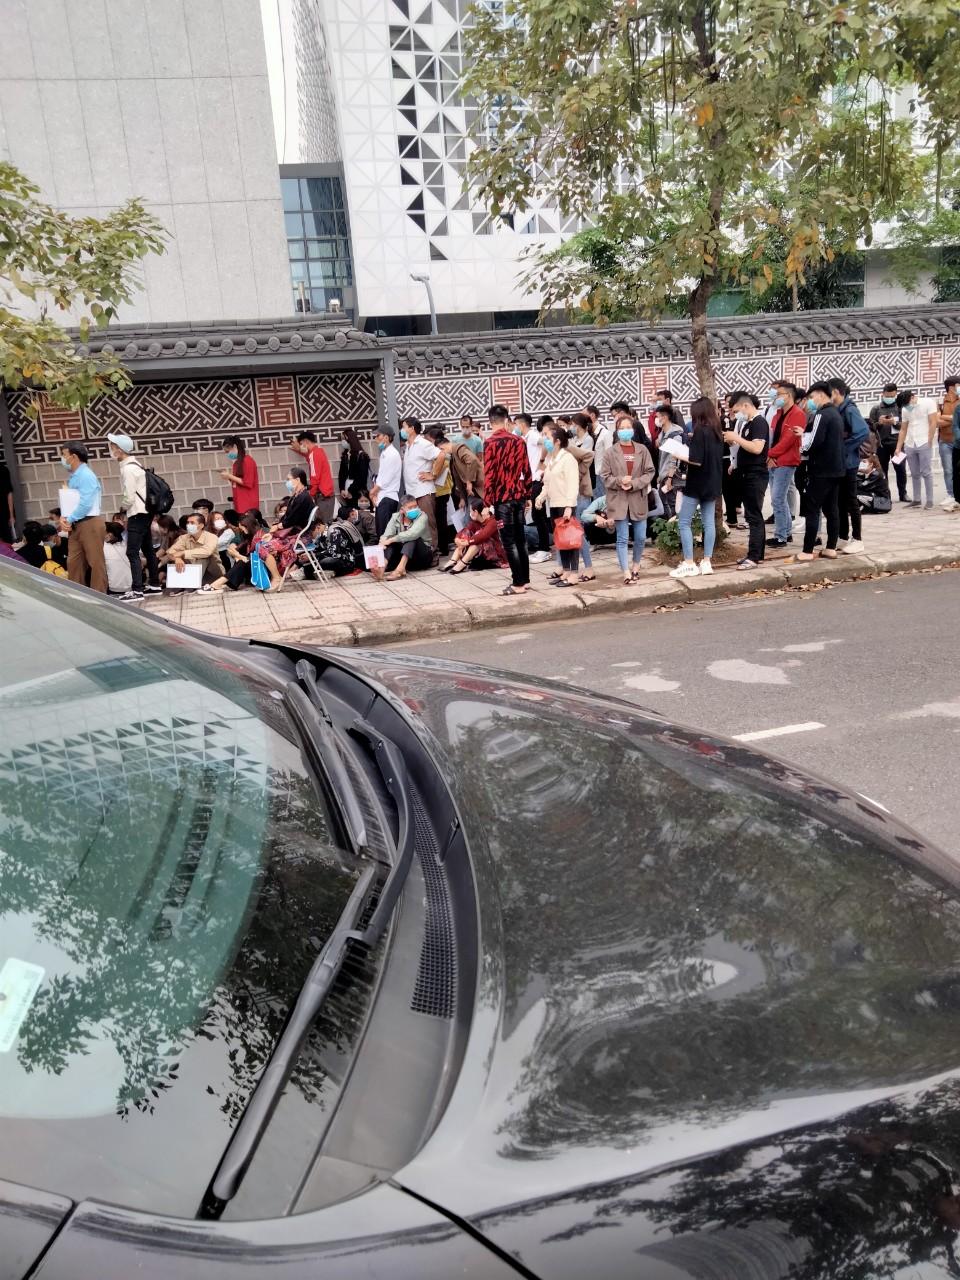 Xếp hàng làm thủ tục hợp pháp hóa lãnh sự Hàn Quốc rất đông